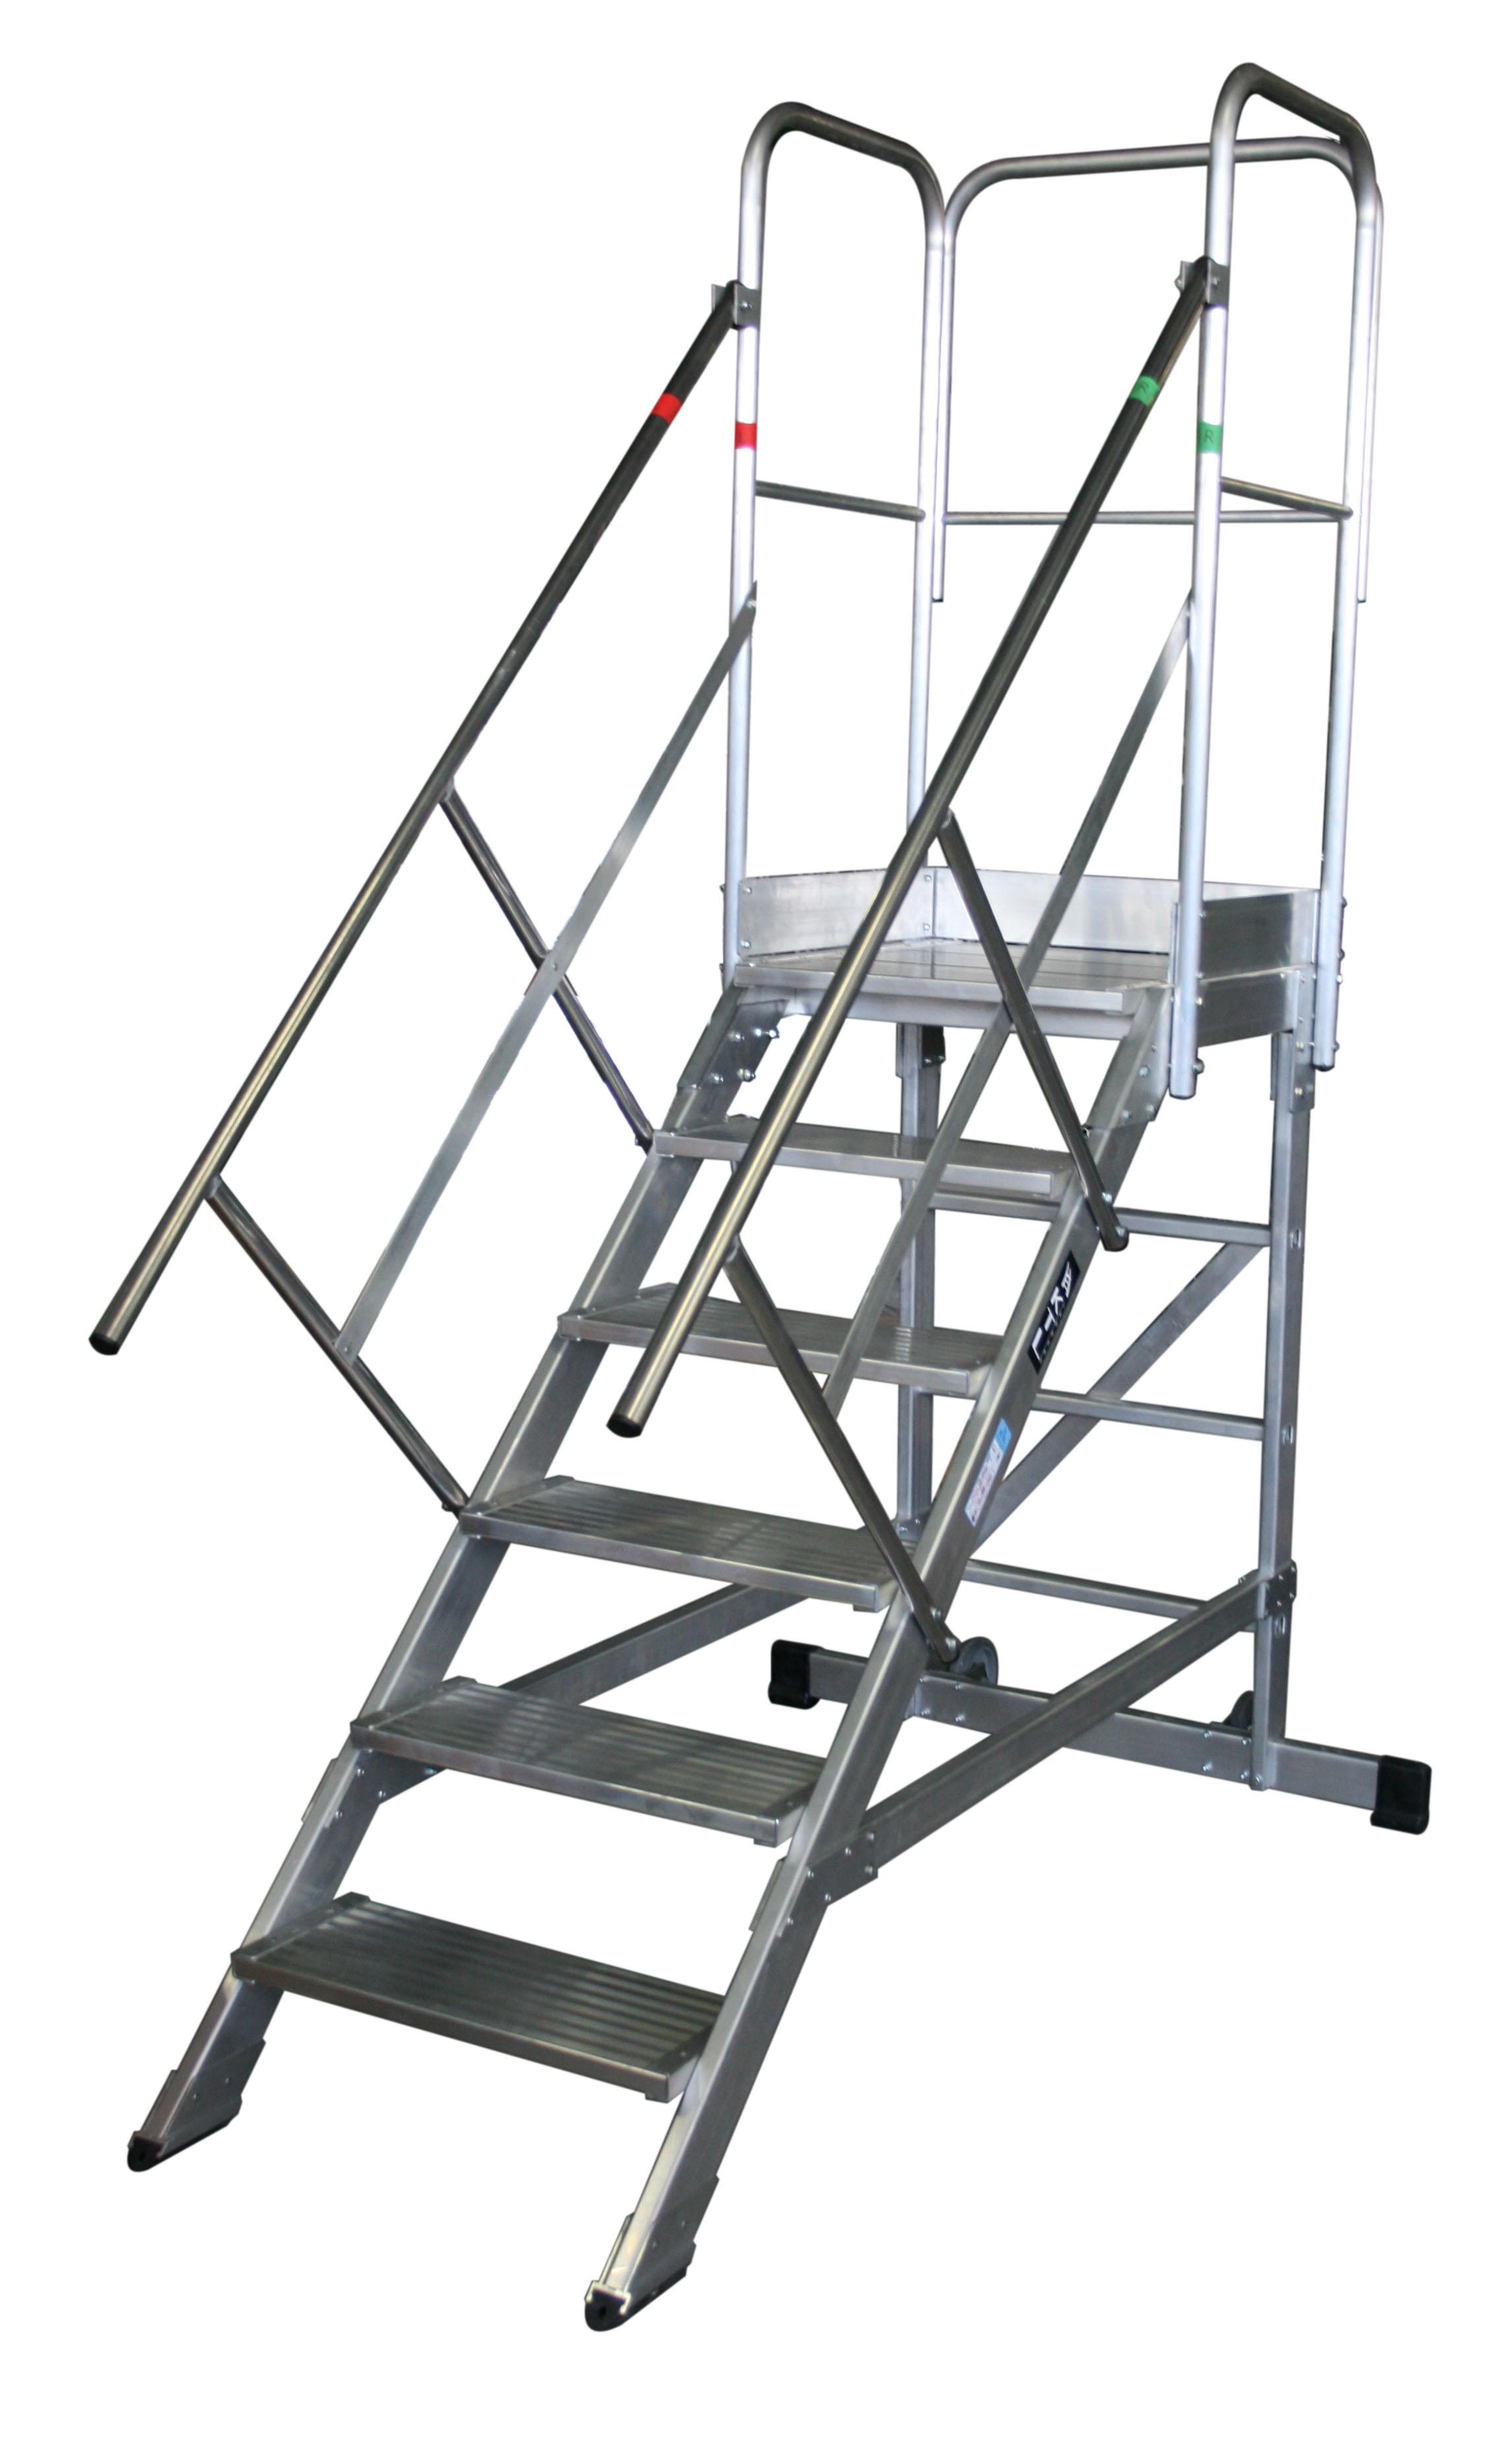 escaleras de plataforma móviles max 45º y 60º Échelles plate-forme roulante MAX 45° et 60° max 45   6peld